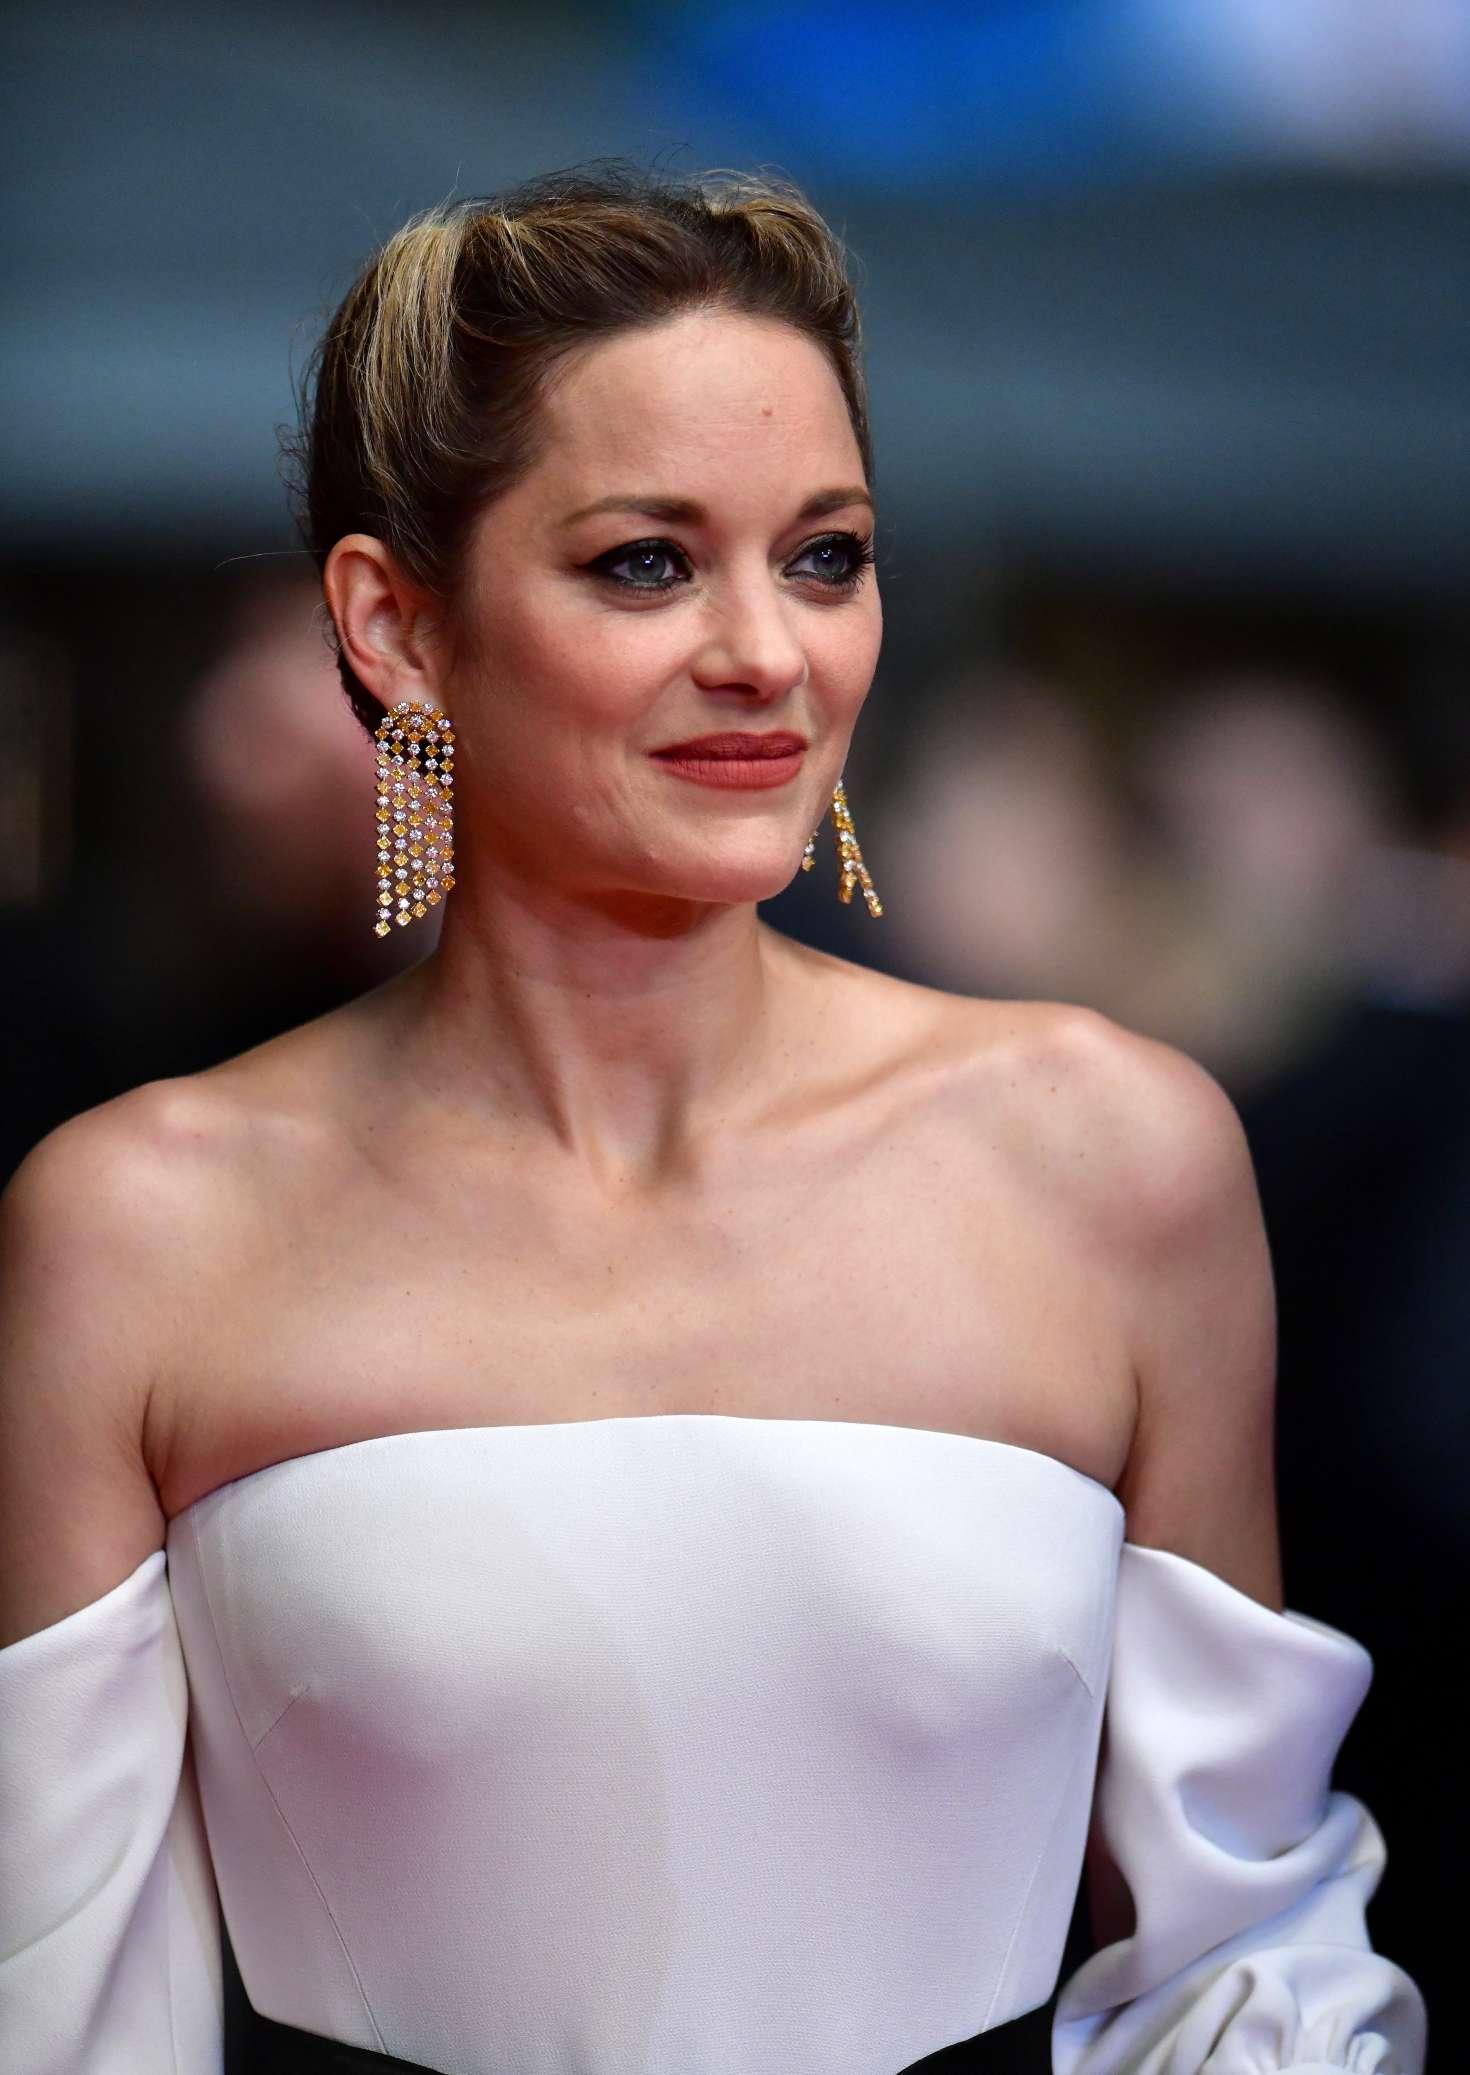 http://www.gotceleb.com/wp-content/uploads/photos/marion-cotillard/3-faces-premiere-at-2018-cannes-film-festival/Marion-Cotillard:-3-Faces-Premiere-at-2018-Cannes-Film-Festival--12.jpg